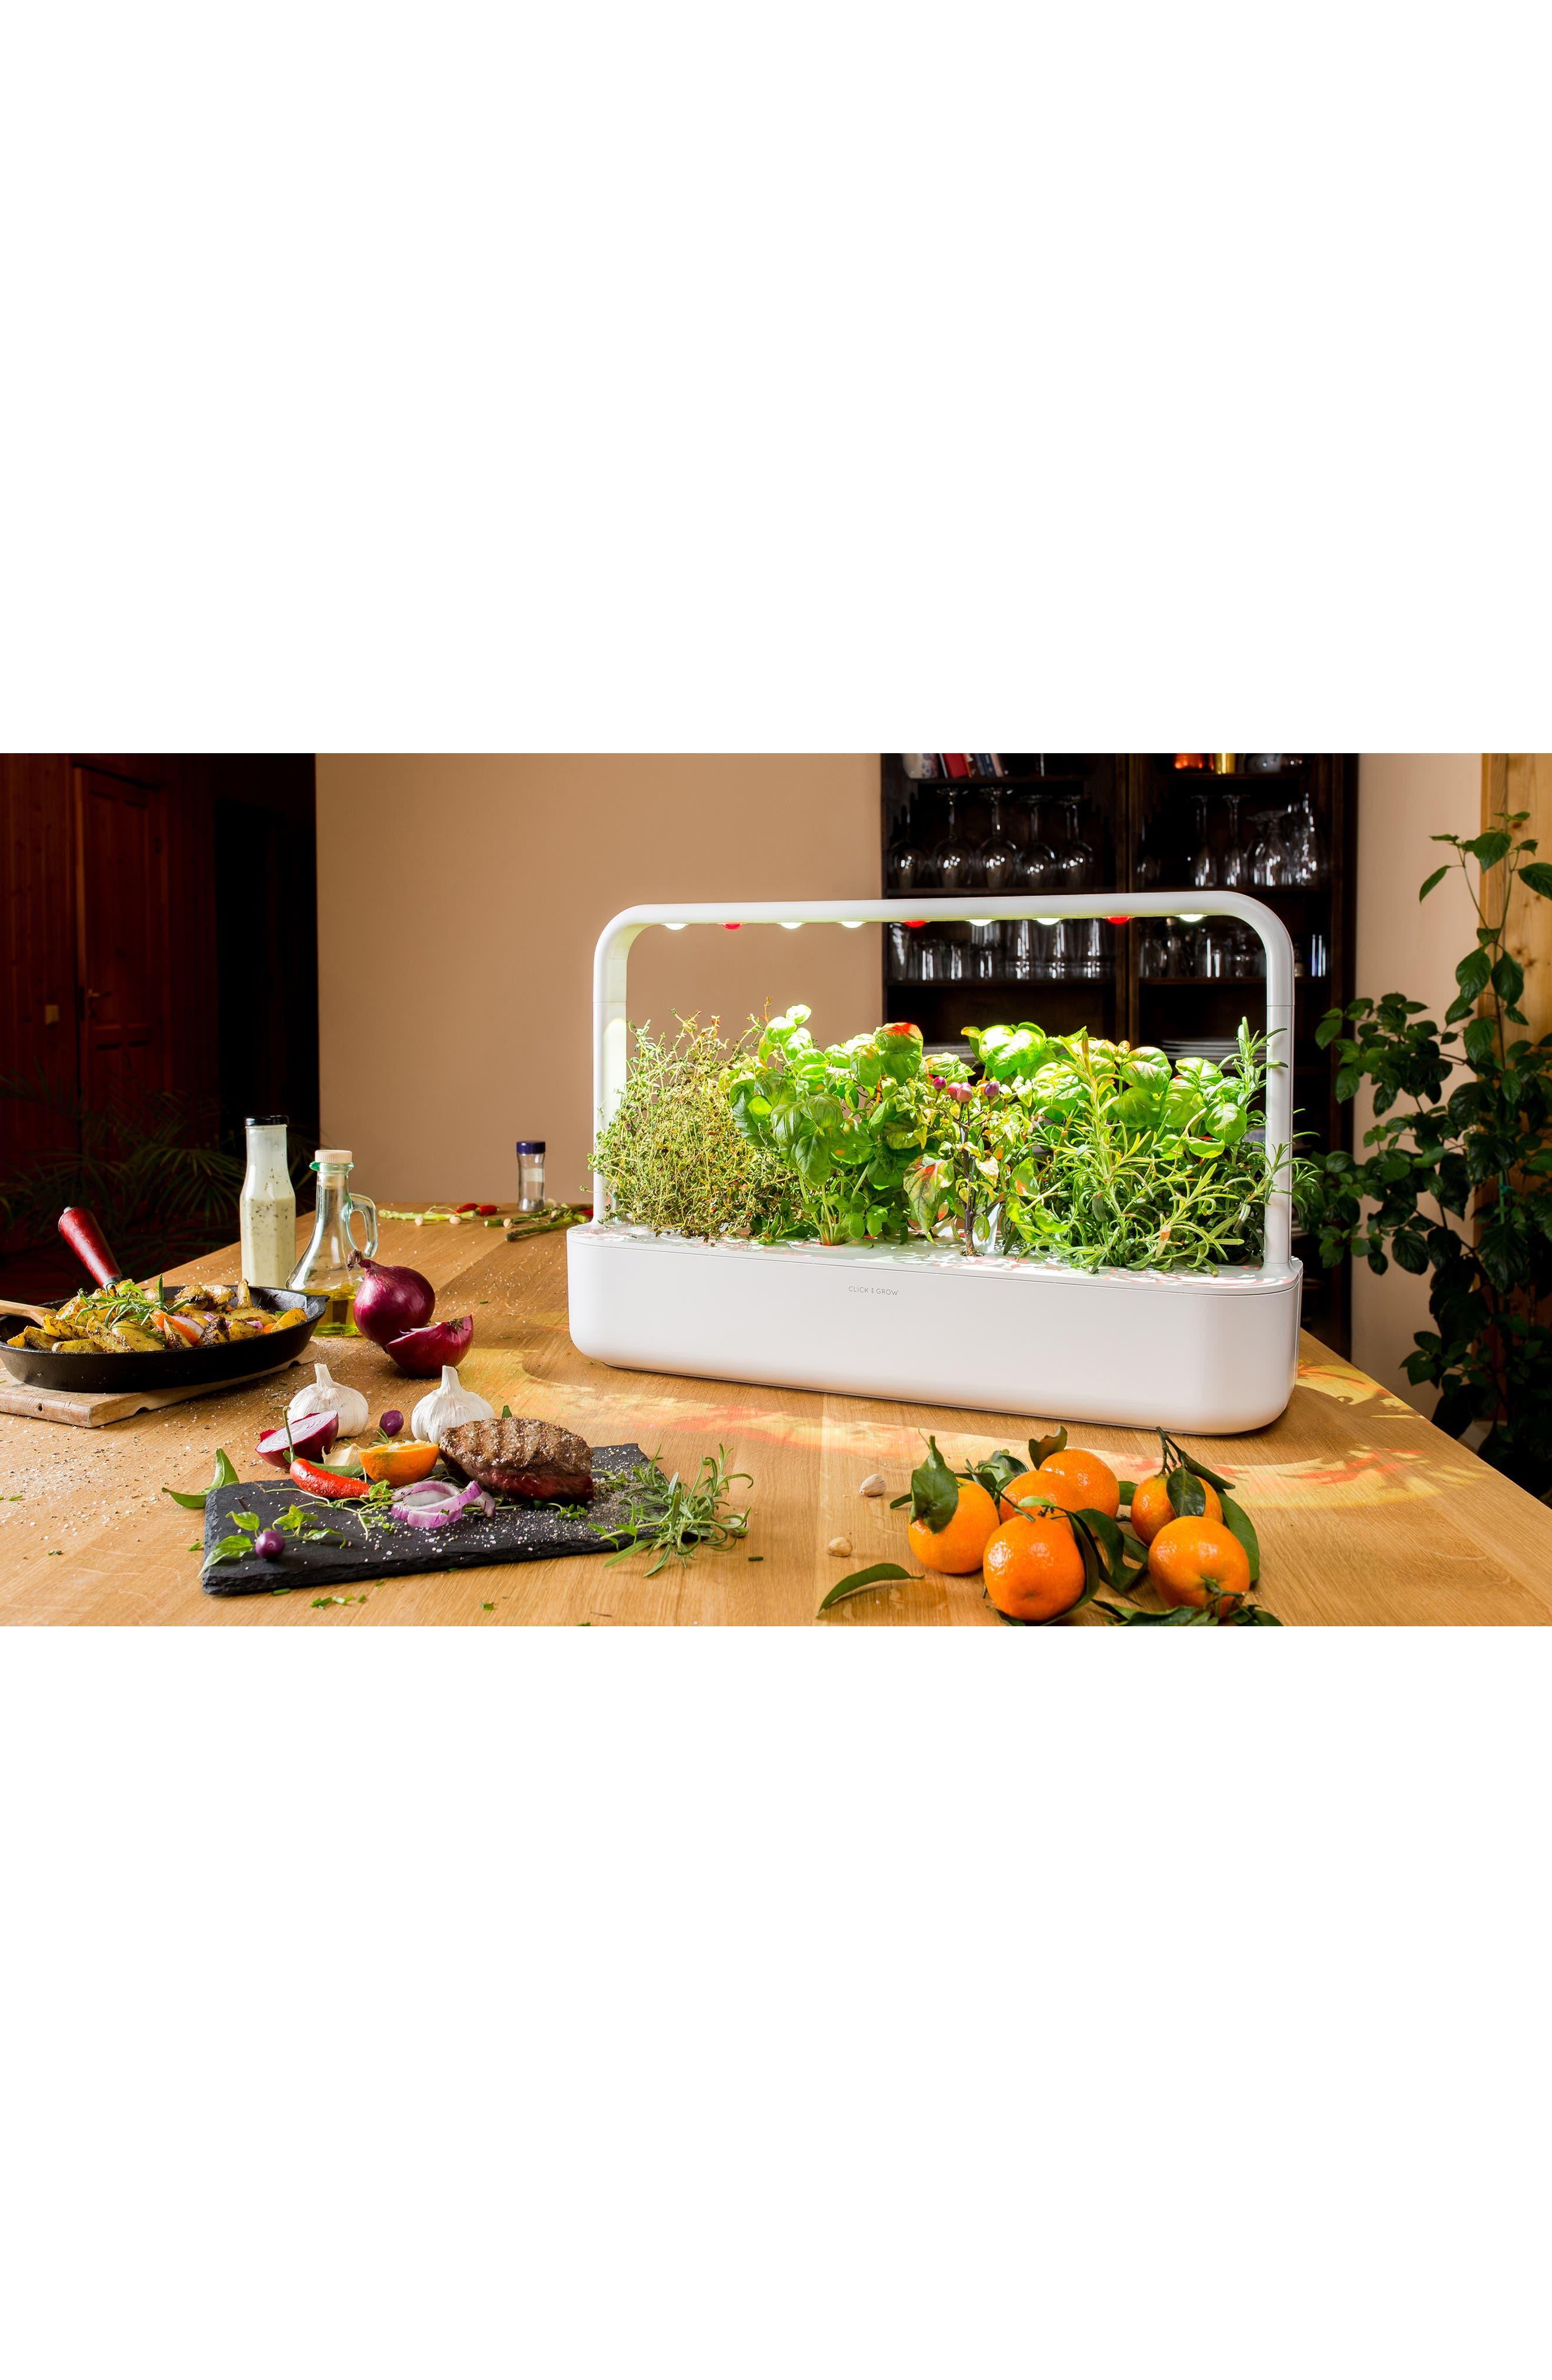 Smart Garden 9 Self Watering Indoor Garden,                             Alternate thumbnail 2, color,                             GREY